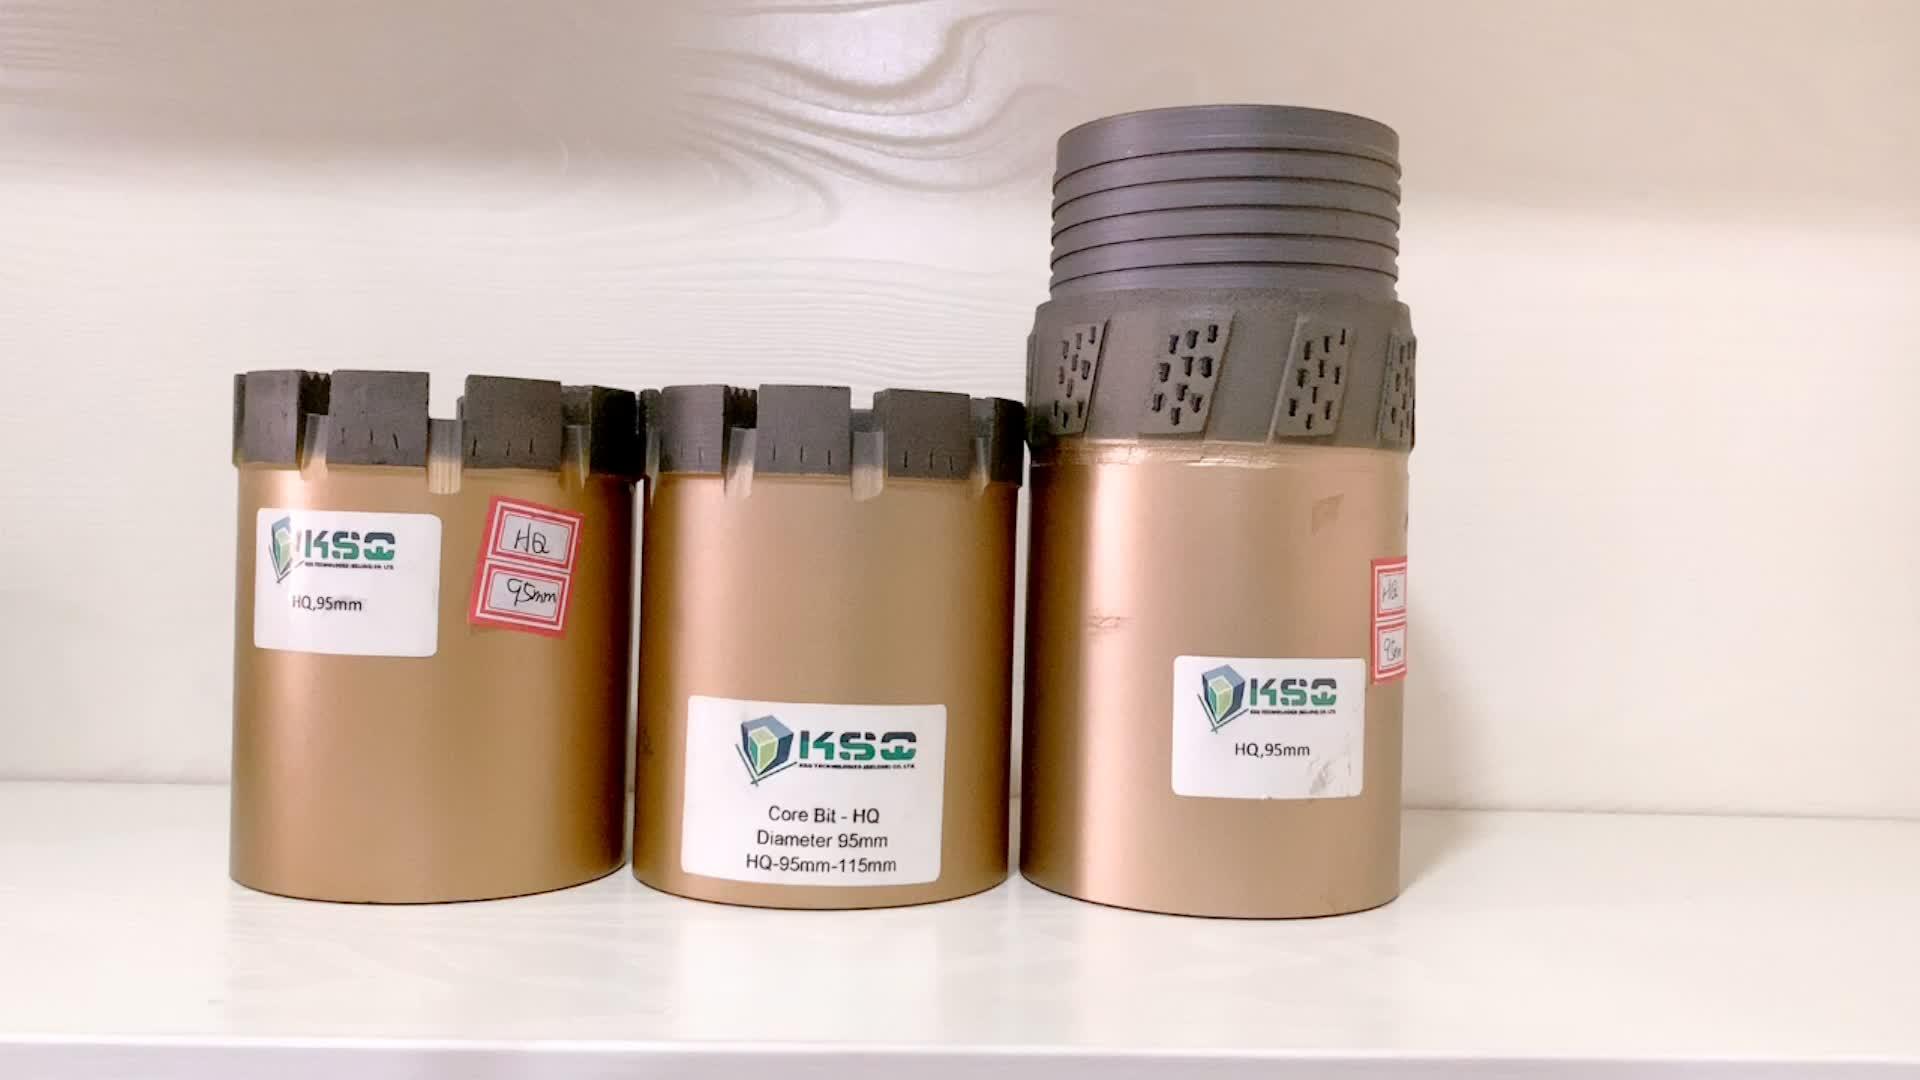 Q3 Dây-dòng core barrelas Kim Cương Lõi Khoan Bit cho Ba Ống Lõi Thùng được sử dụng trong địa chất khoan